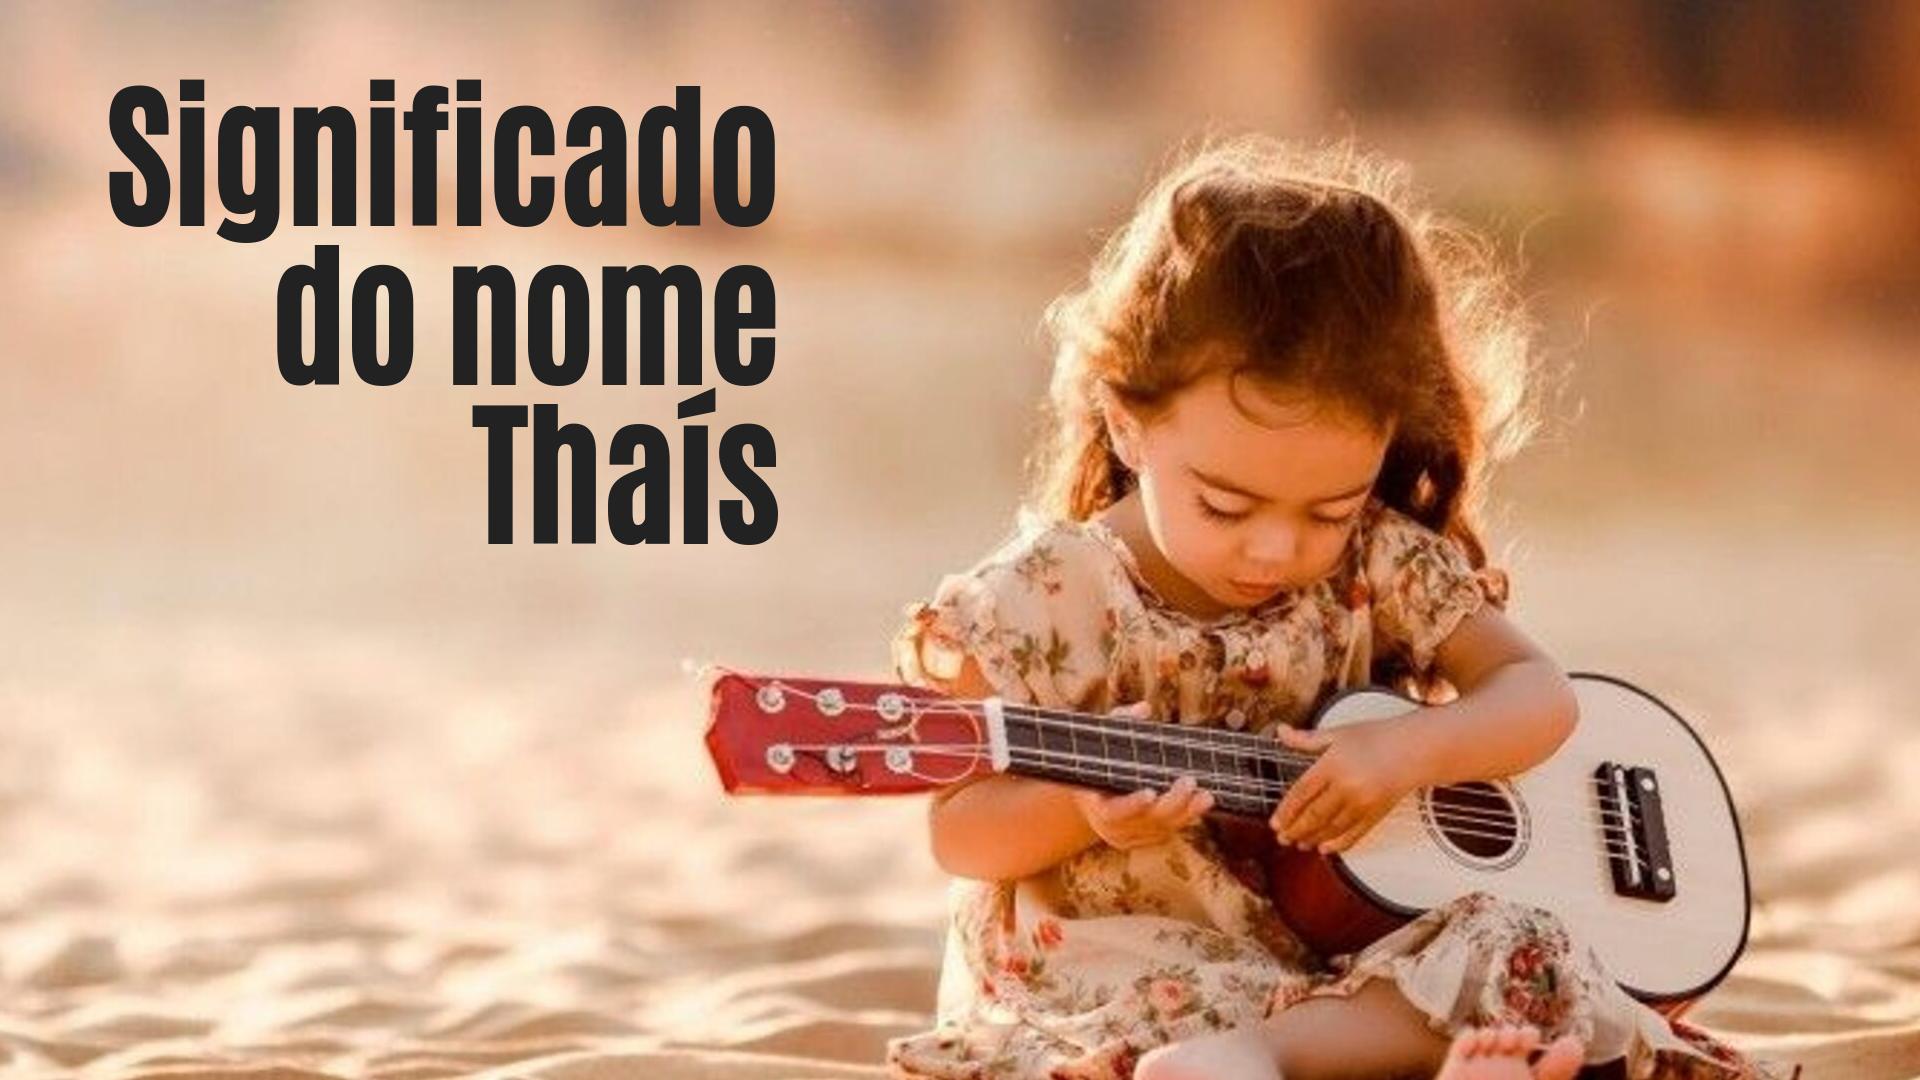 foto escrita significado do nome thais